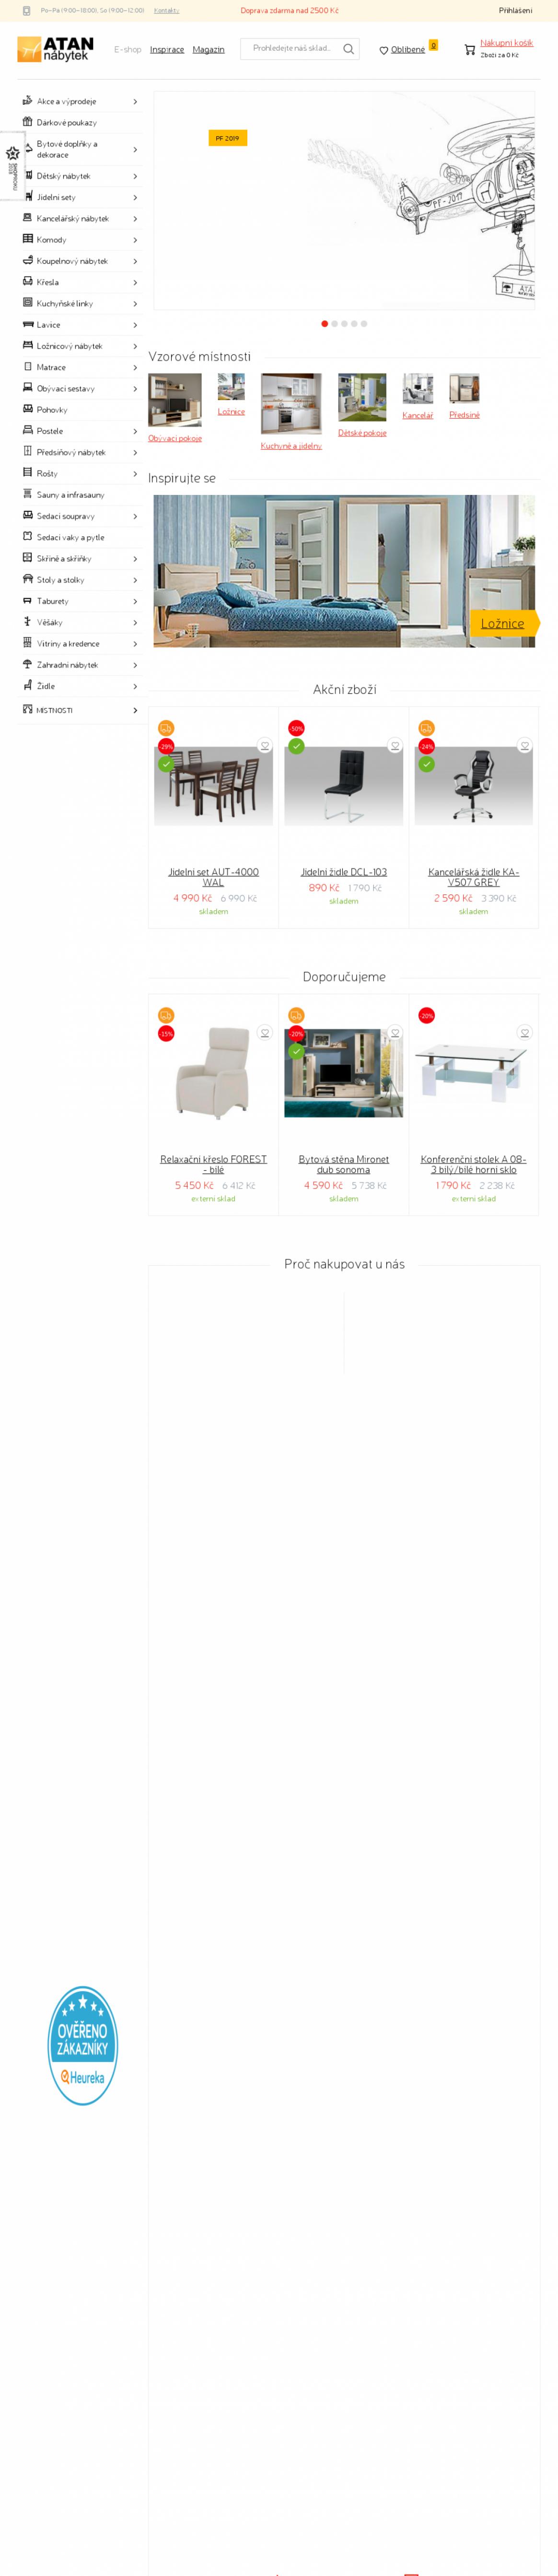 ATAN nábytek | SledujCenu.cz